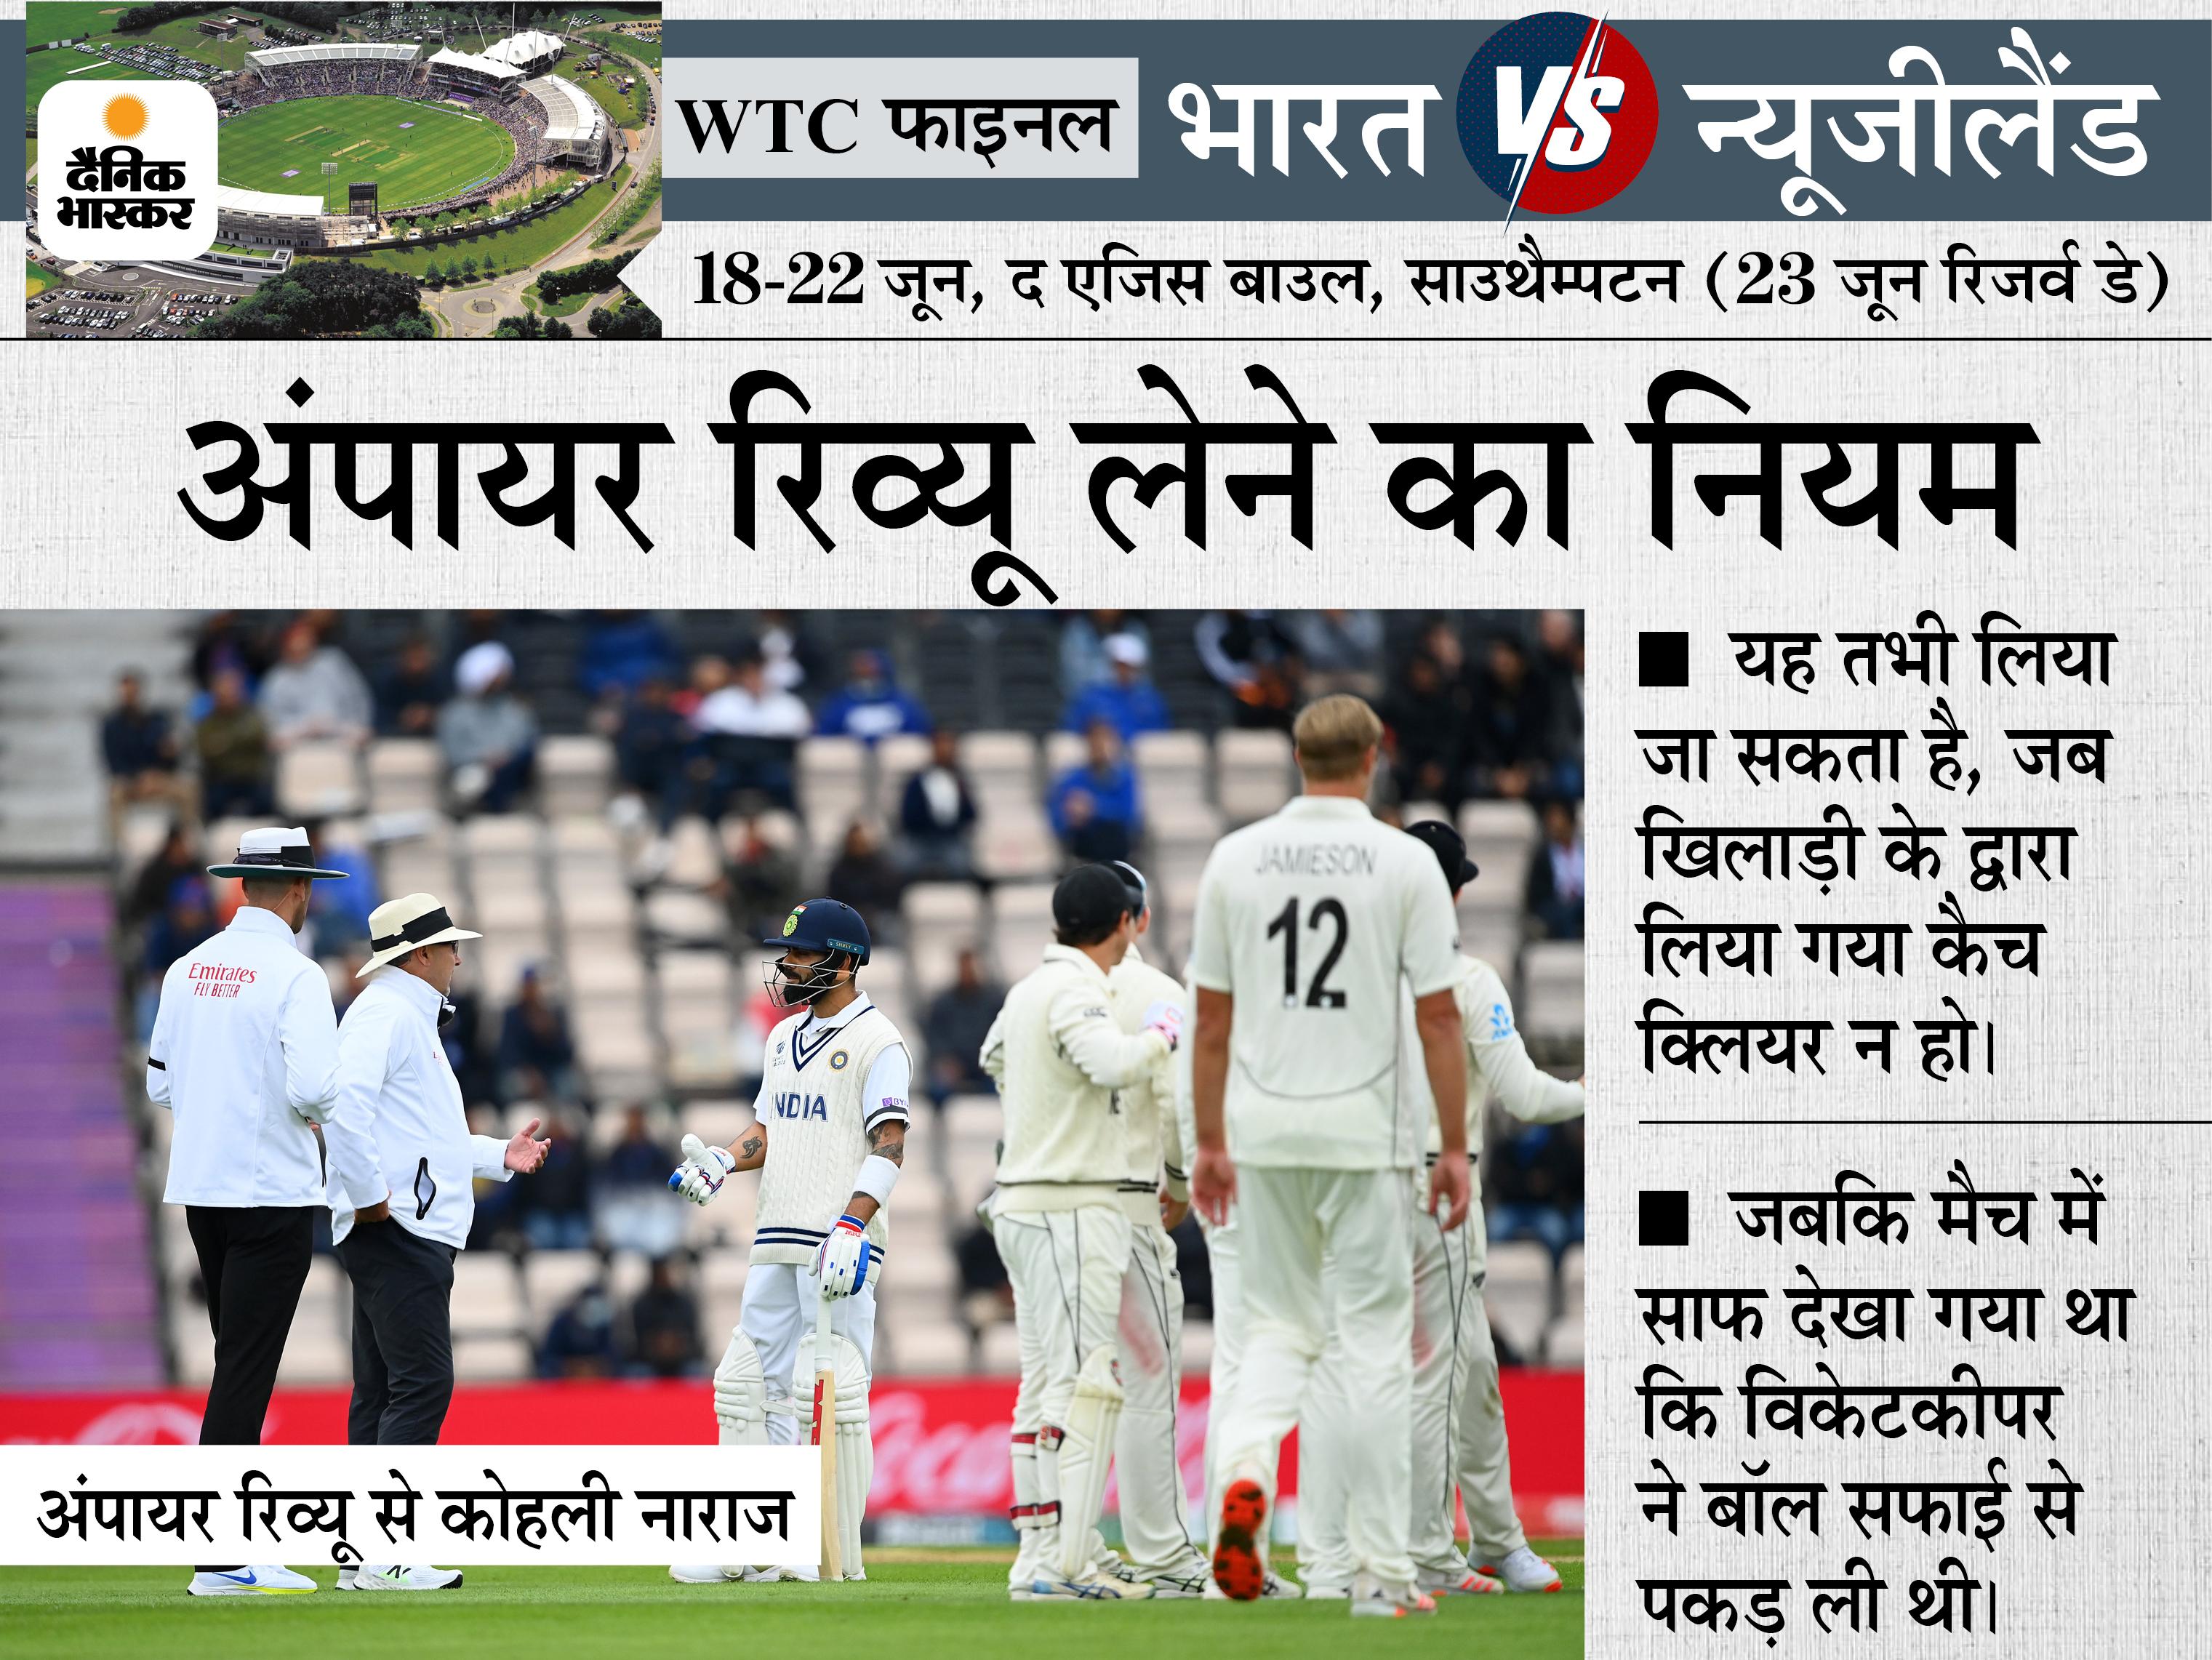 विराट के खिलाफ कैच की अपील पर अंपायर इलिंगवर्थ ने लिया रिव्यू, लक्ष्मण ने कमेंट्री के दौरान फैसले पर सवाल उठाया|क्रिकेट,Cricket - Dainik Bhaskar